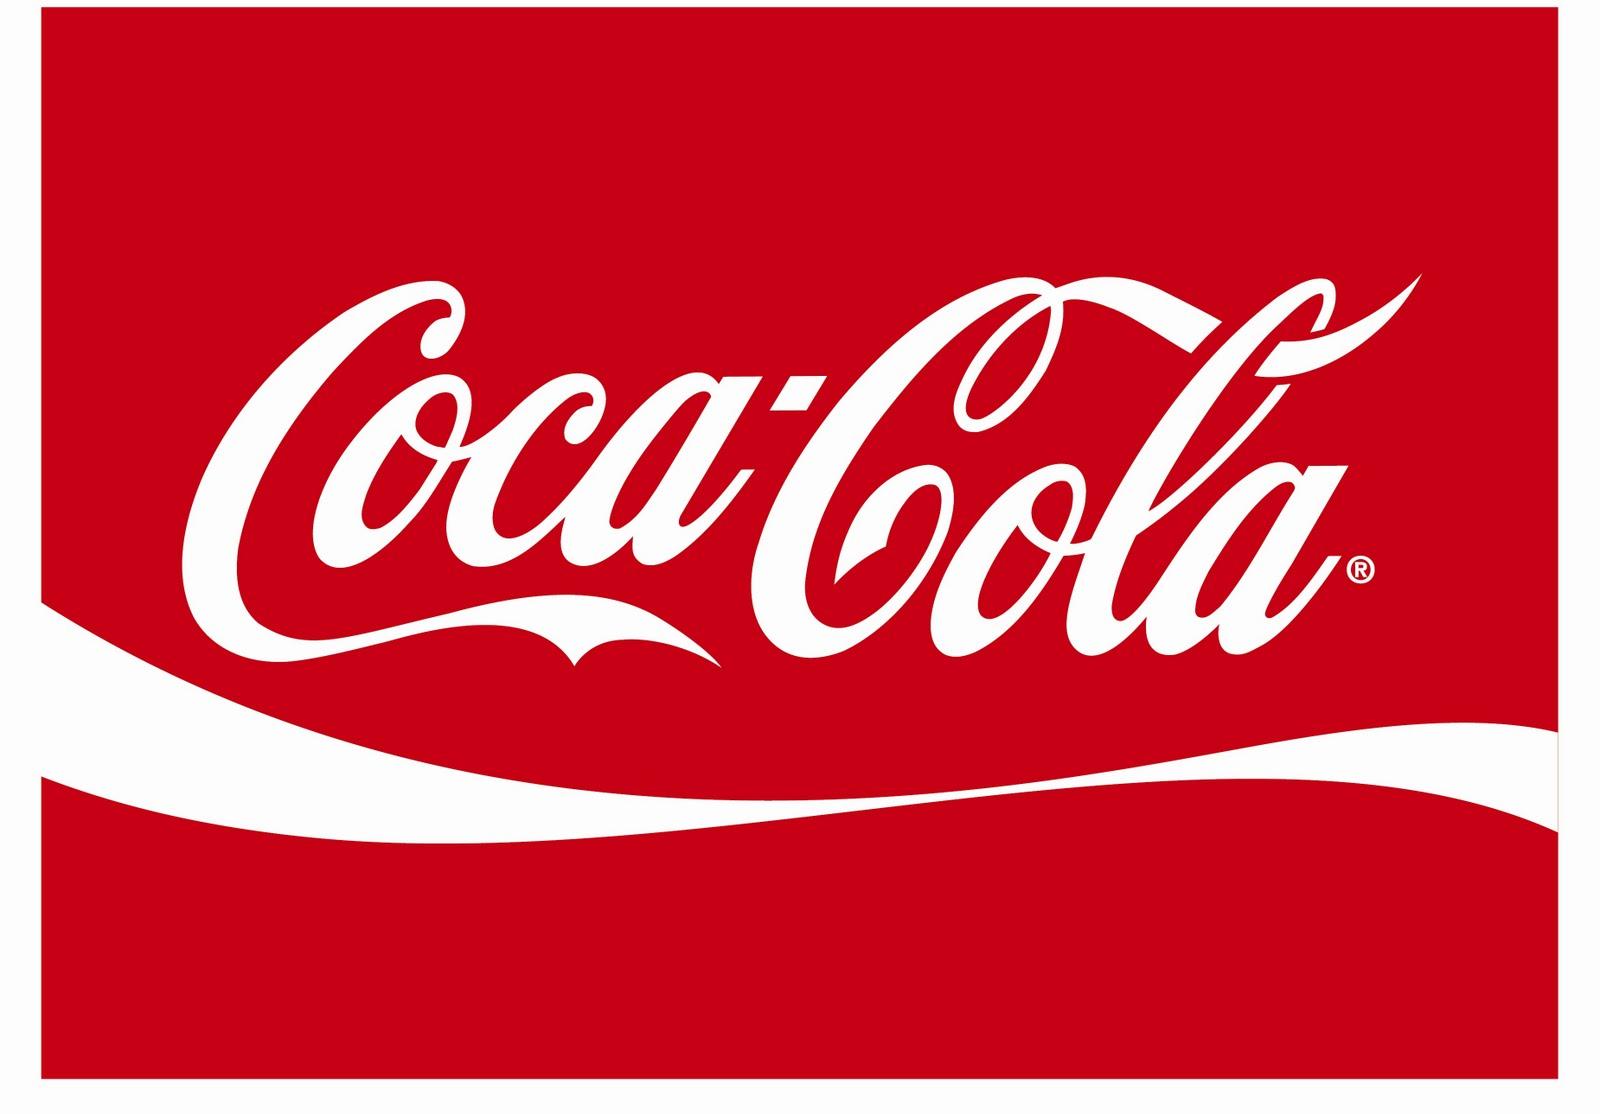 Coca cola clipart free logo clipart black and white stock Free Coca-Cola Sign Cliparts, Download Free Clip Art, Free Clip Art ... clipart black and white stock